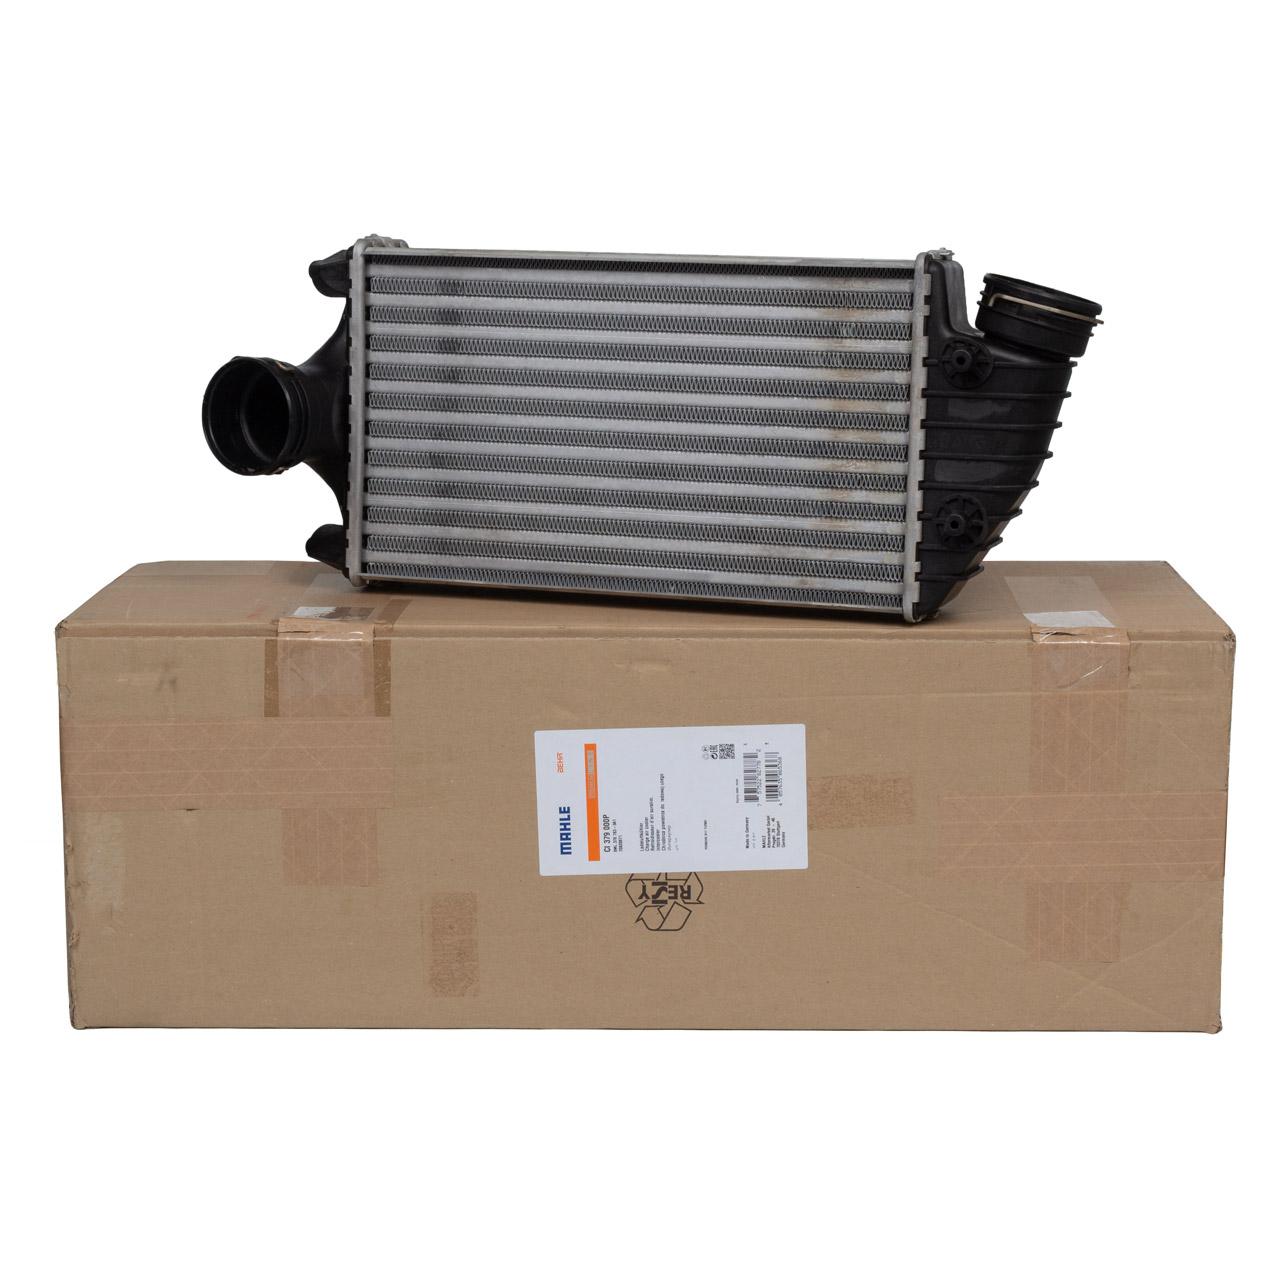 MAHLE Ladeluftkühler PORSCHE 997 3.6 Turbo + 3.6 GT2 / RS rechts 99711064000